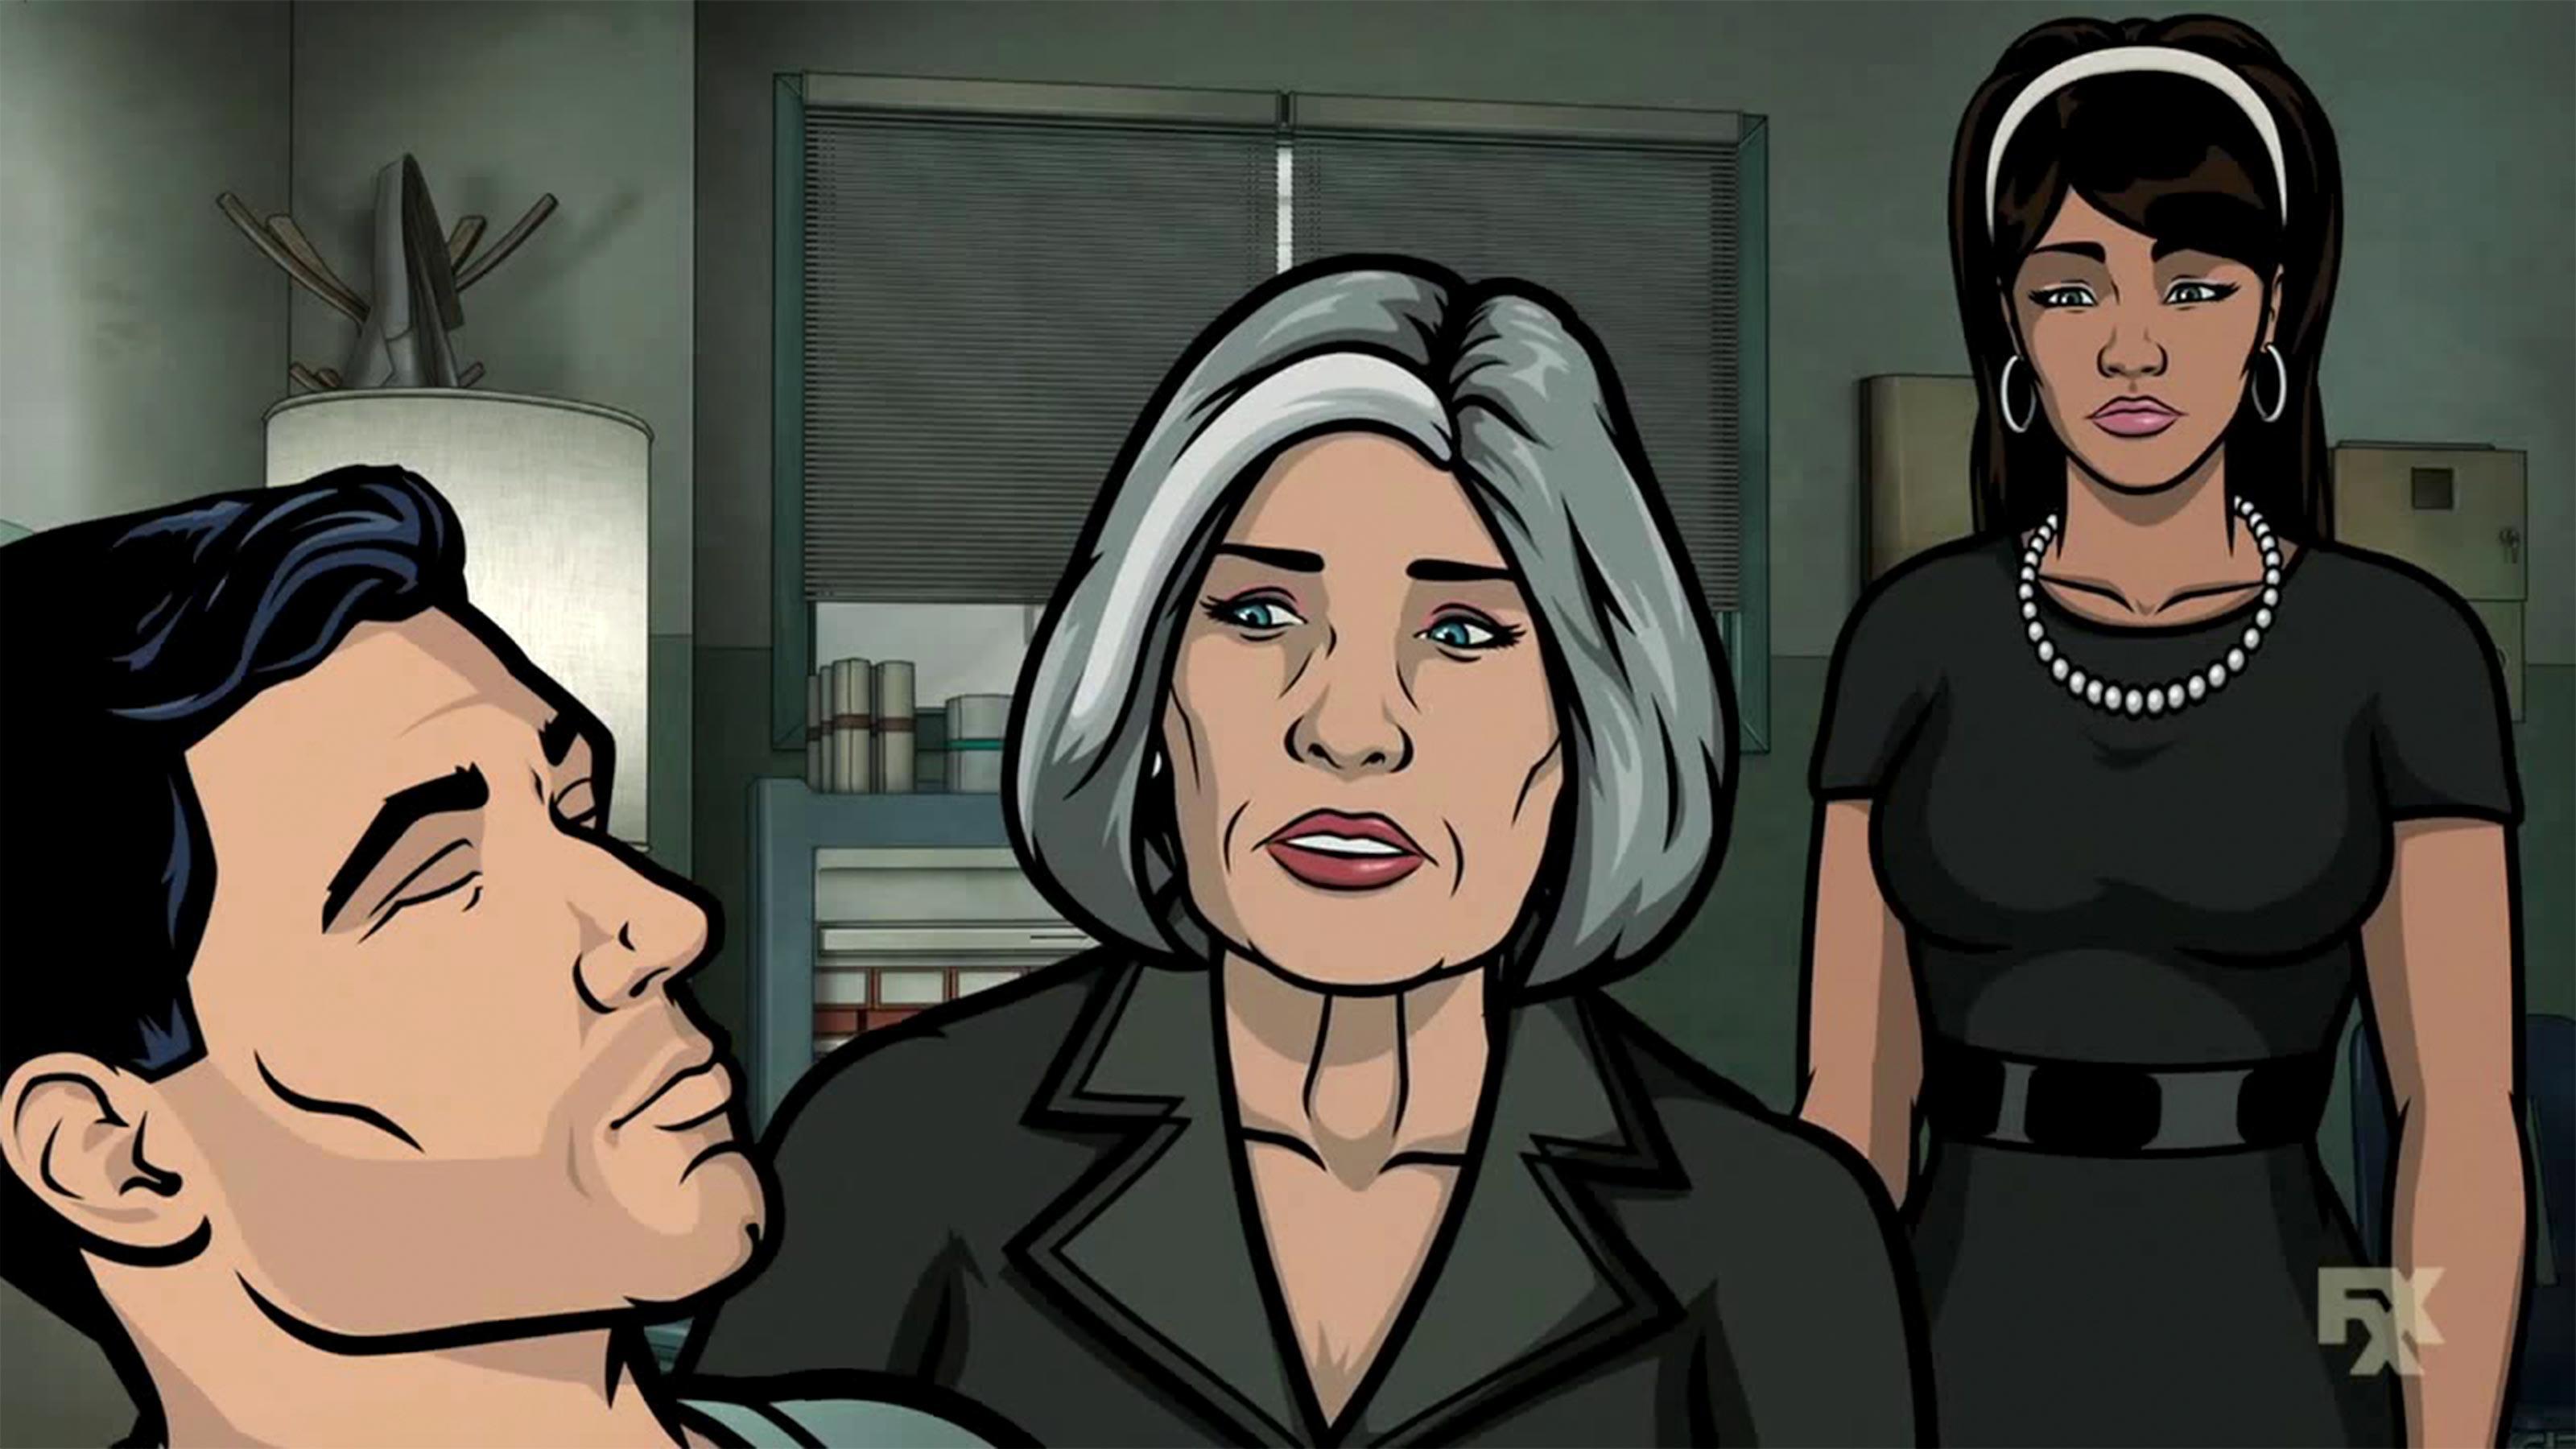 FX's Archer renewed for surprise season 11, reveals major changes